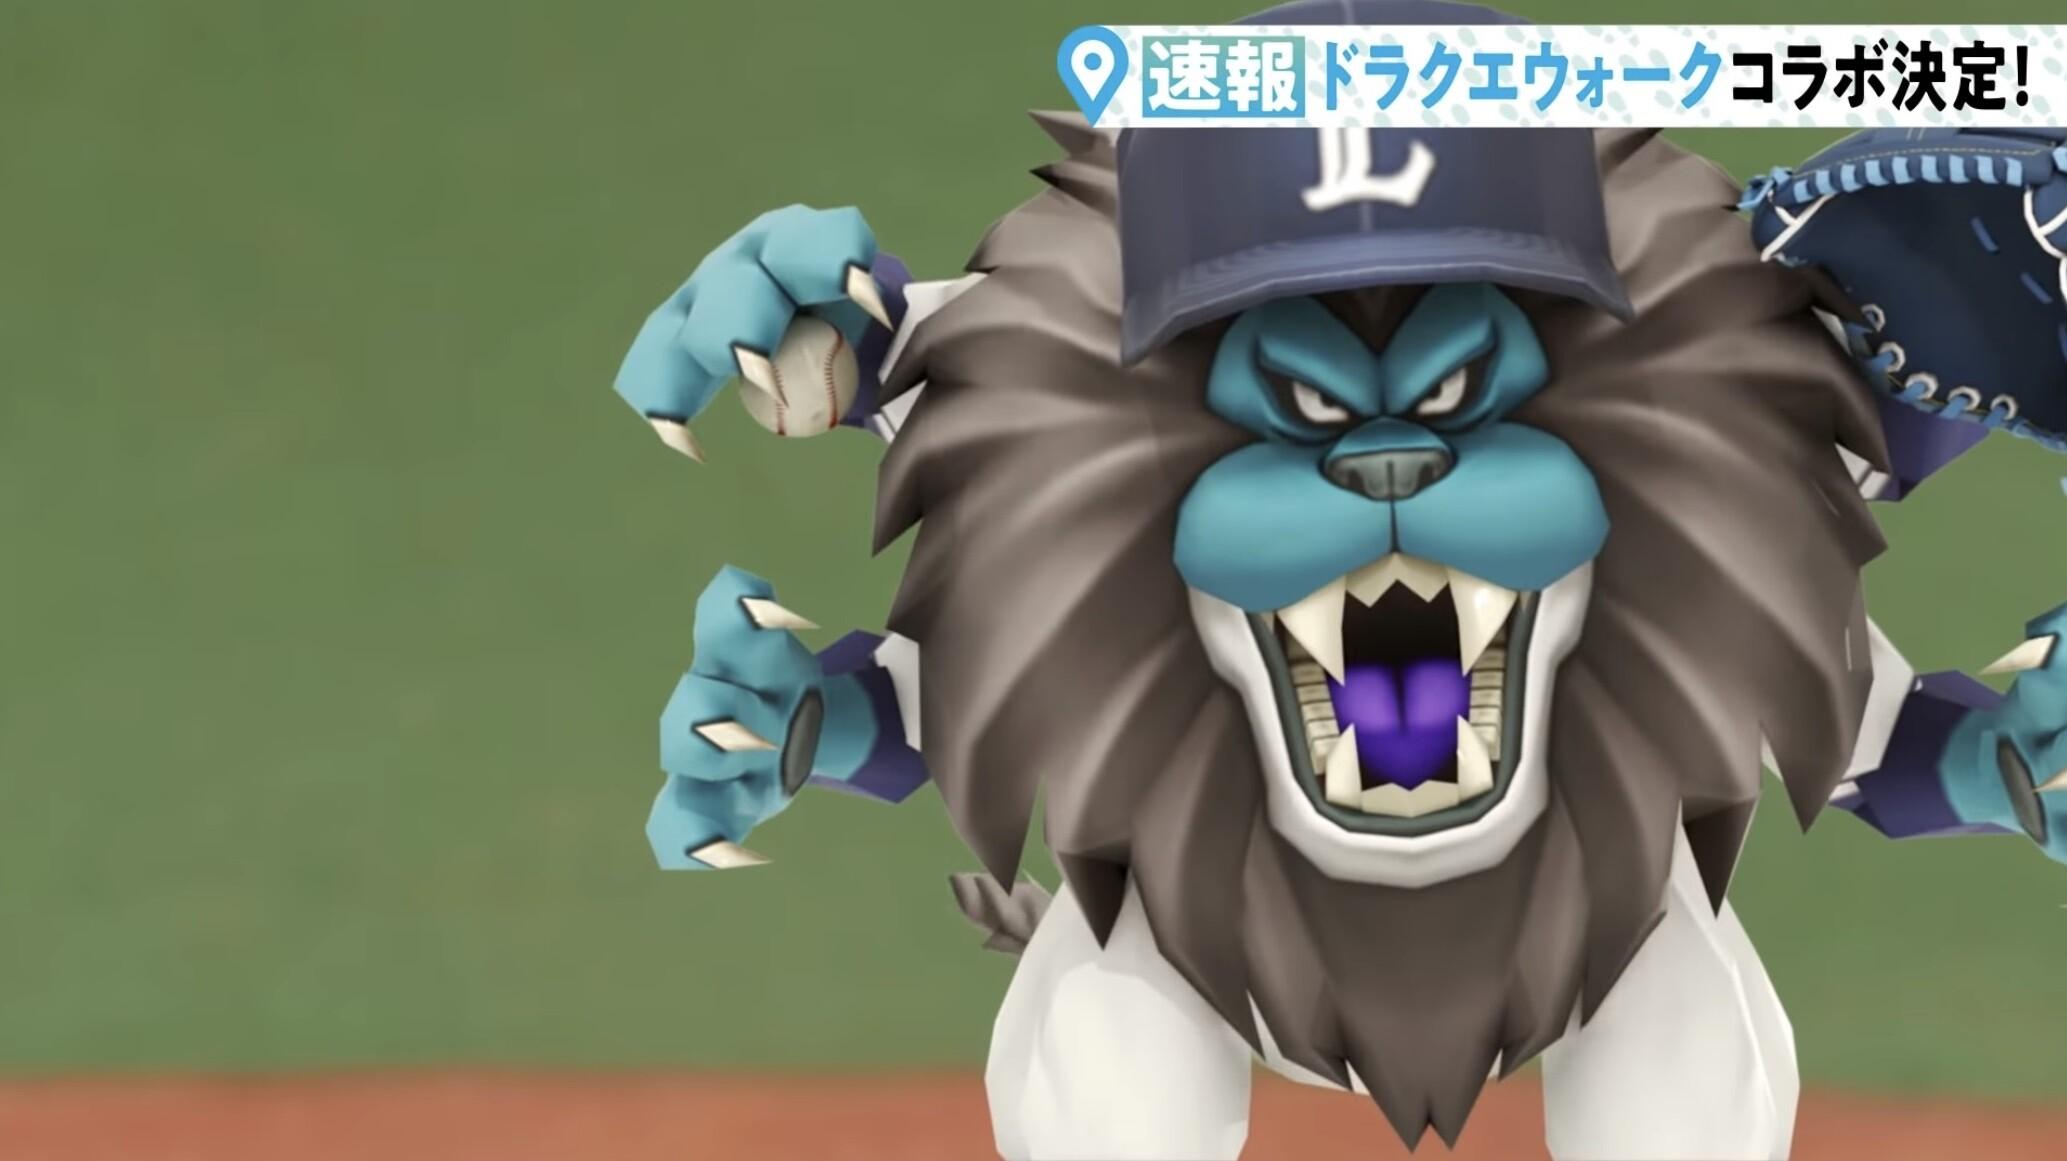 【朗報】 西武、キングレオ投手を獲得!